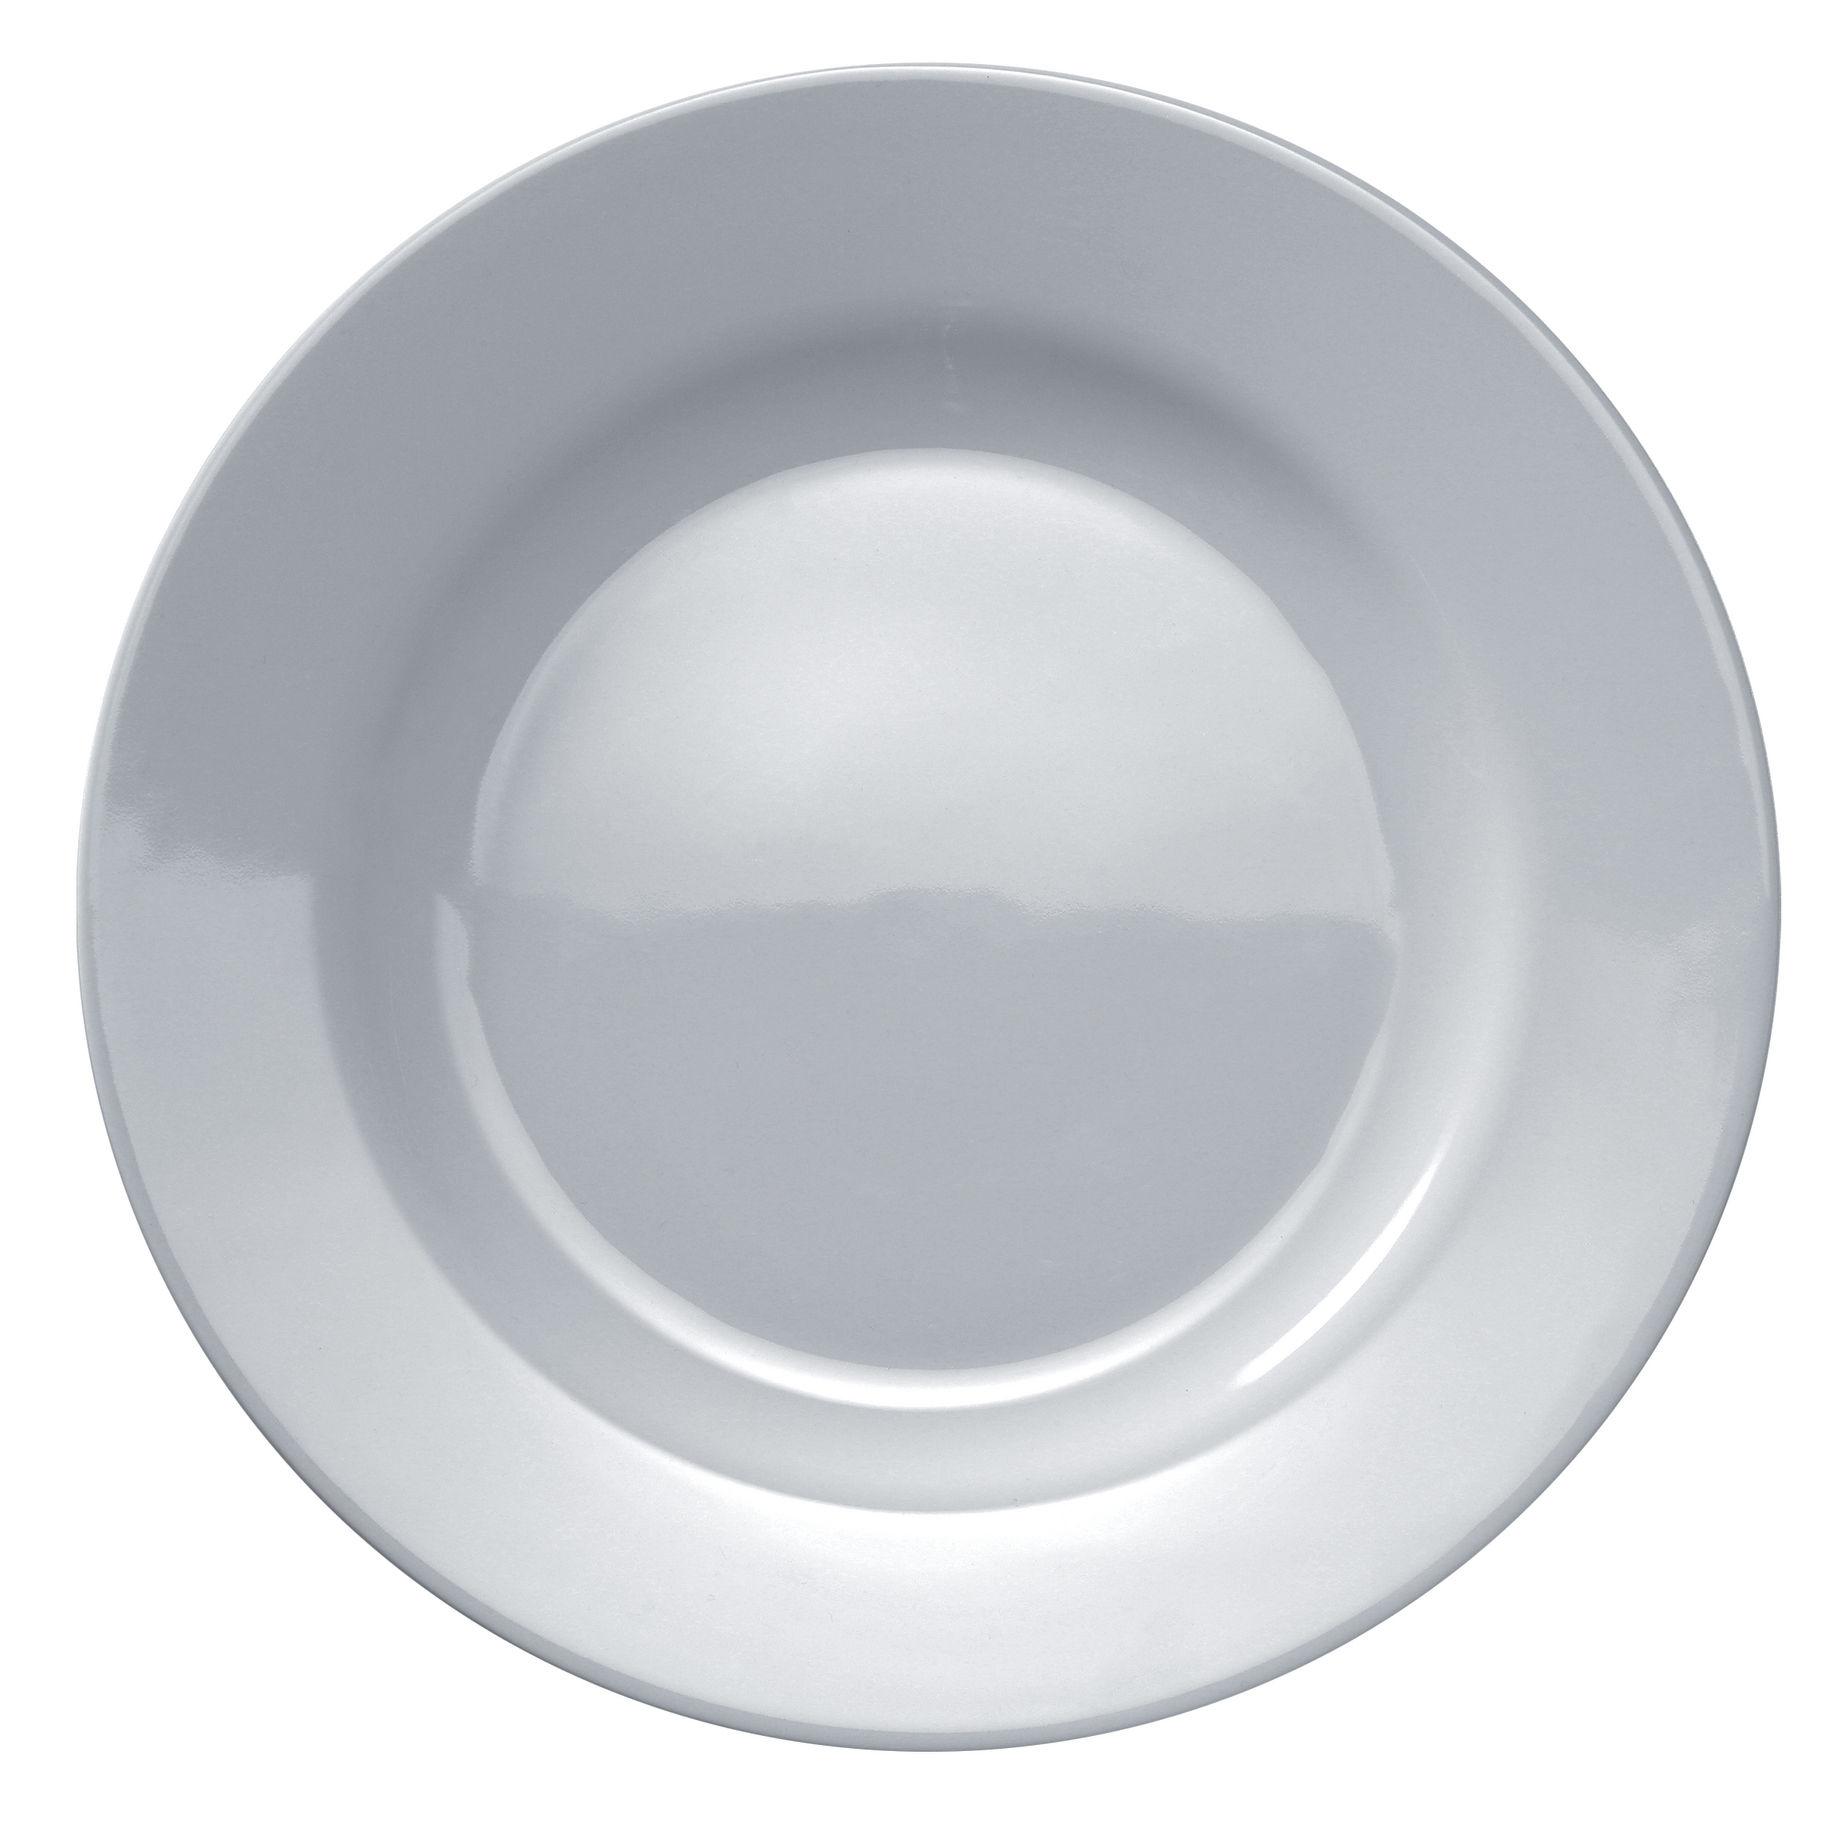 Arts de la table - Assiettes - Assiette Platebowlcup Ø 27,5 cm - A di Alessi - Blanc - Porcelaine